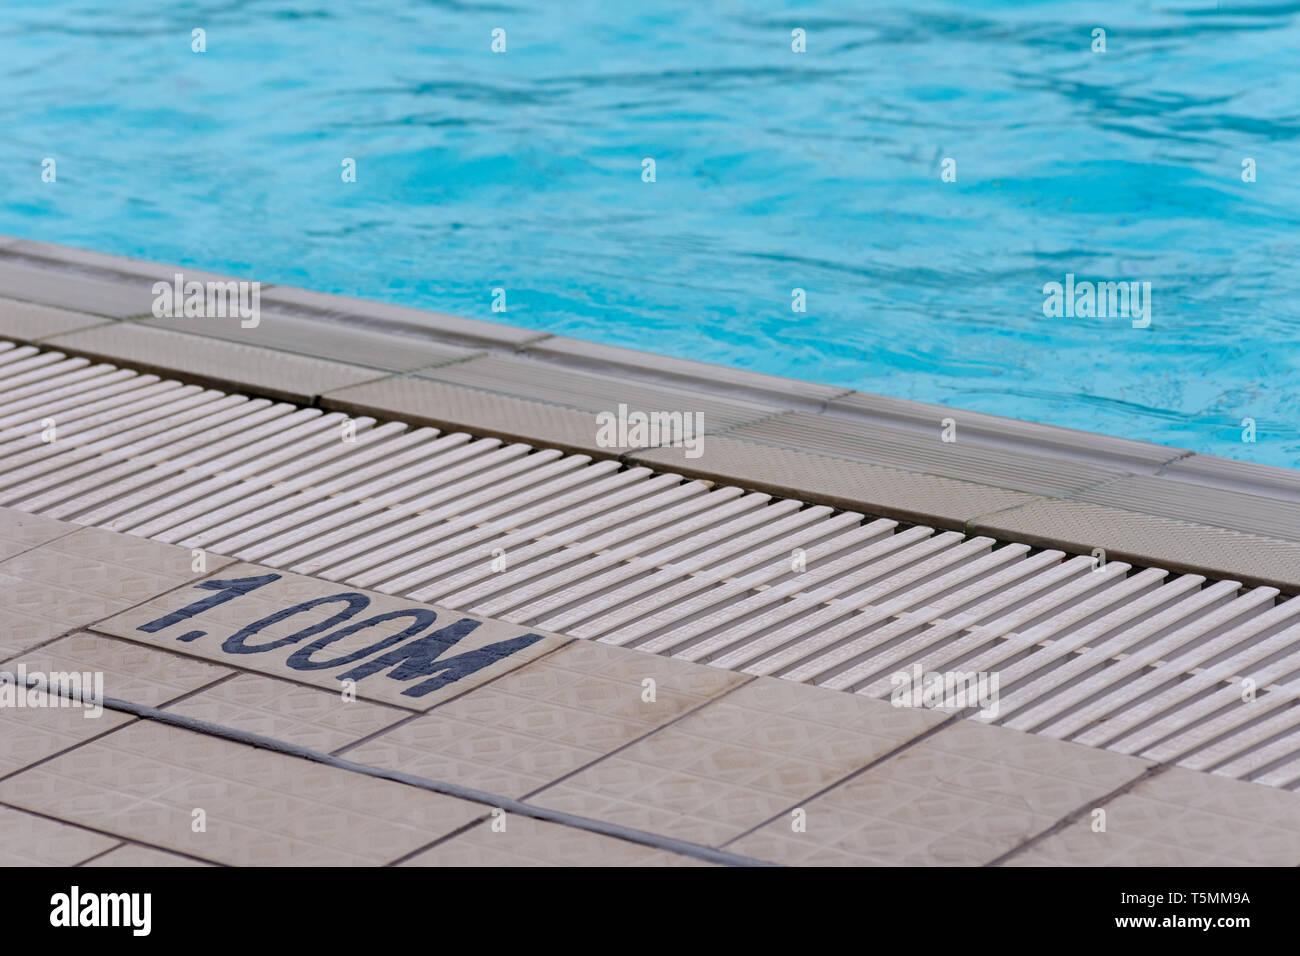 Pool side depth indicator of 1.00 meters or one meter deep. Beware. Stock Photo